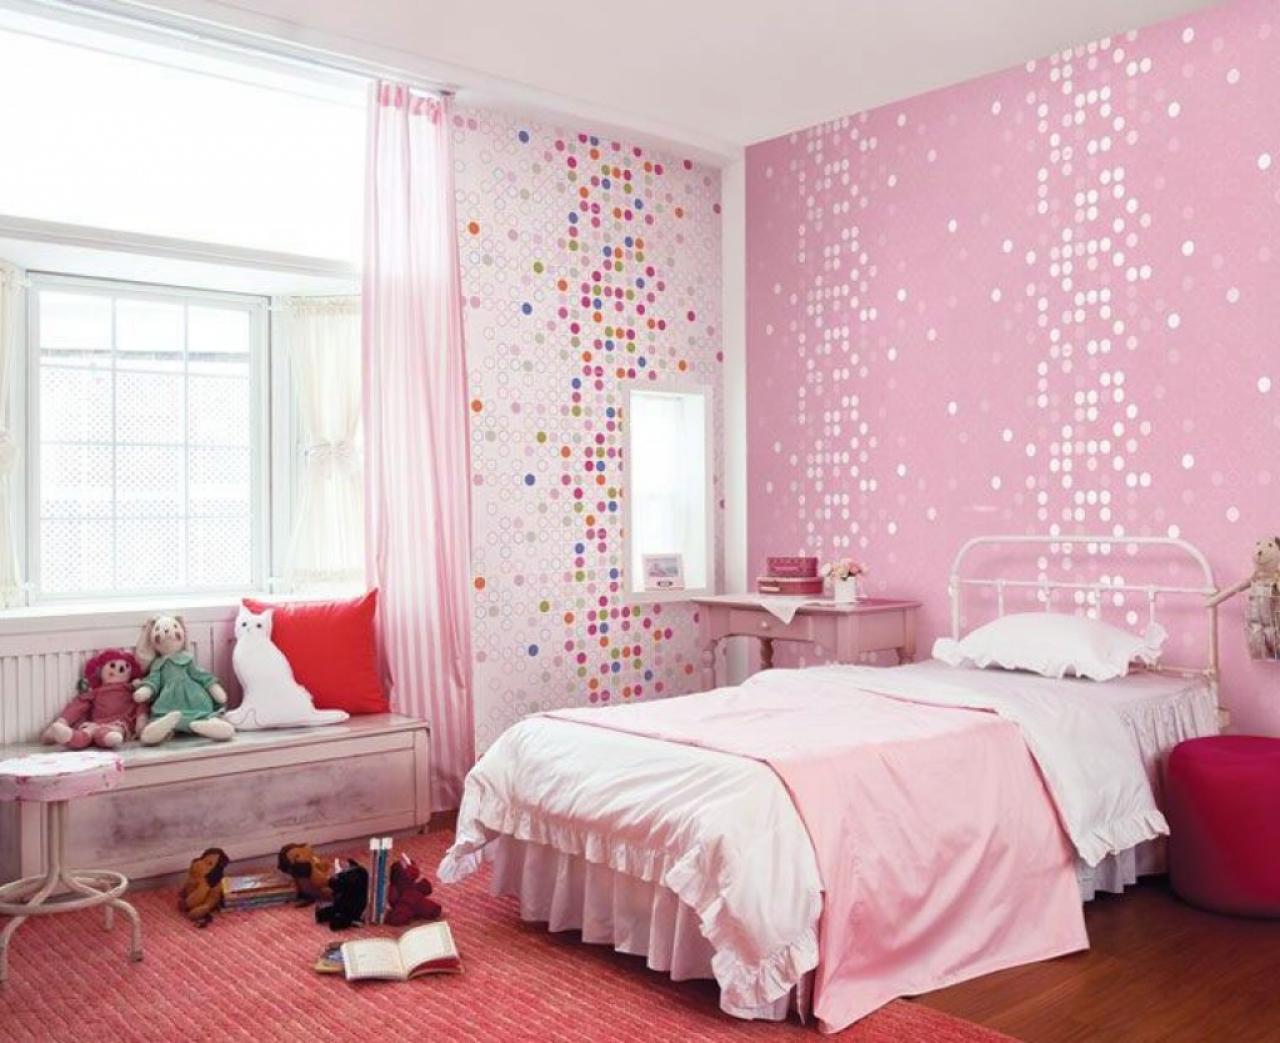 Cool Wallpaper for Girls Room - WallpaperSafari